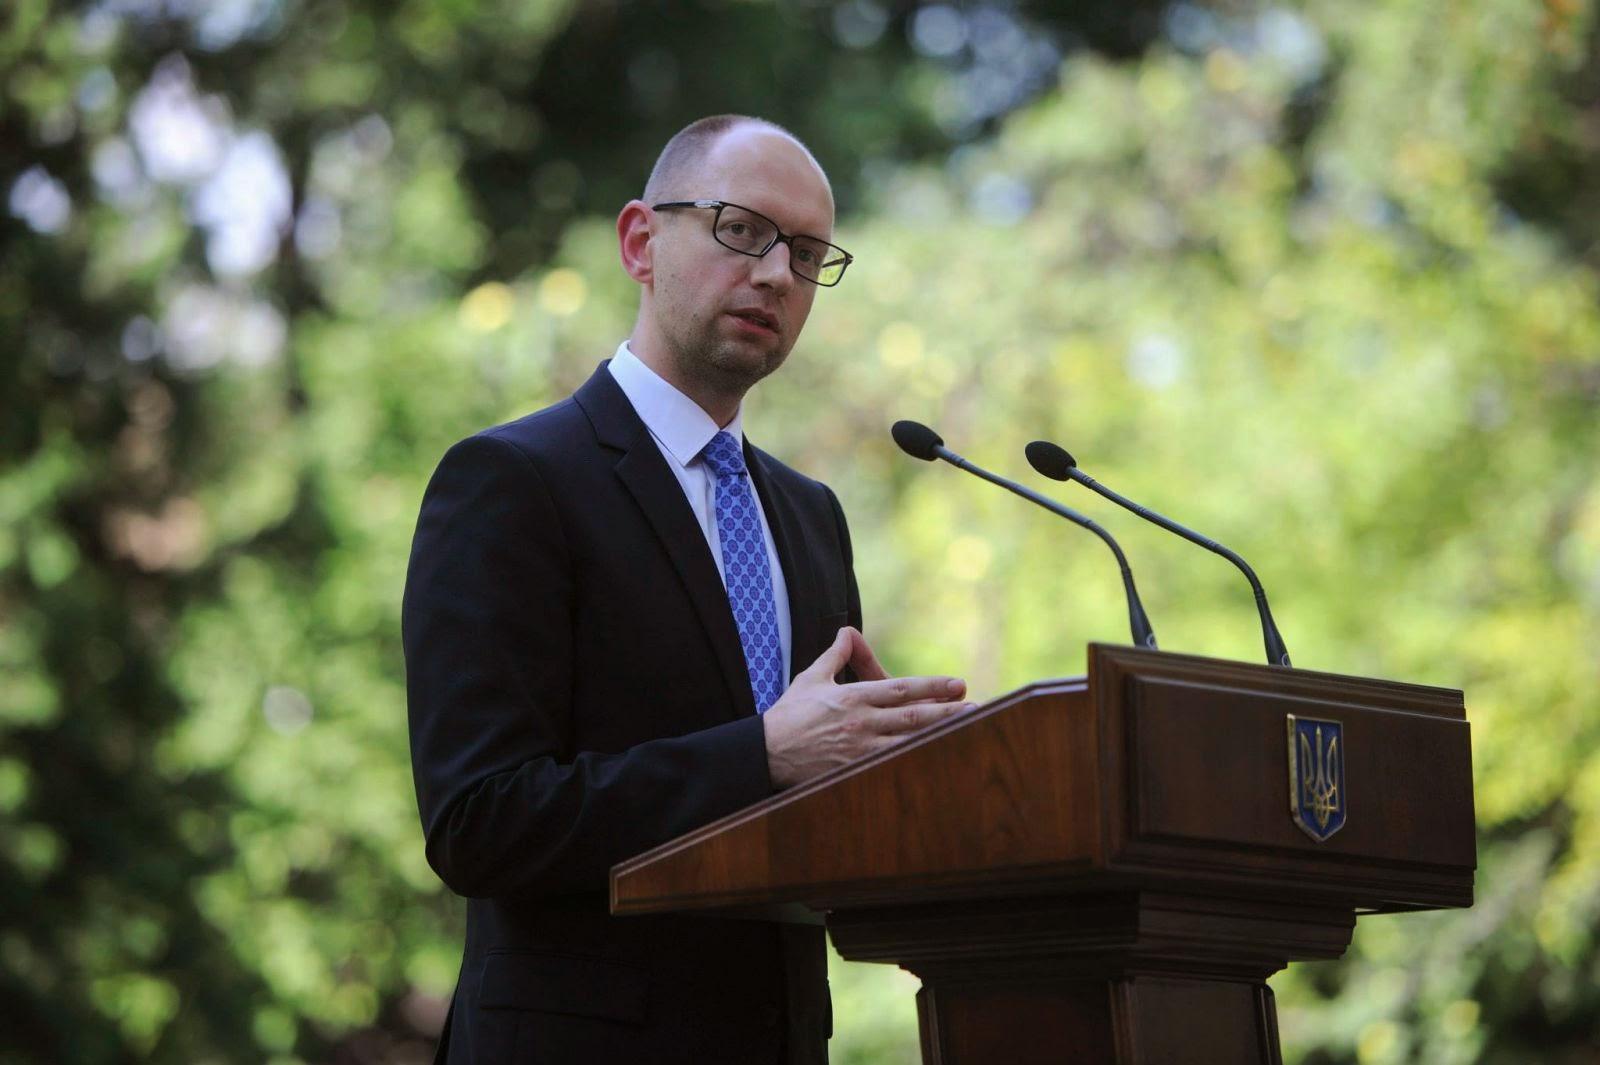 Правительство Украины разработало пакет налоговых законов. полностью меняющий правила игры в экономике